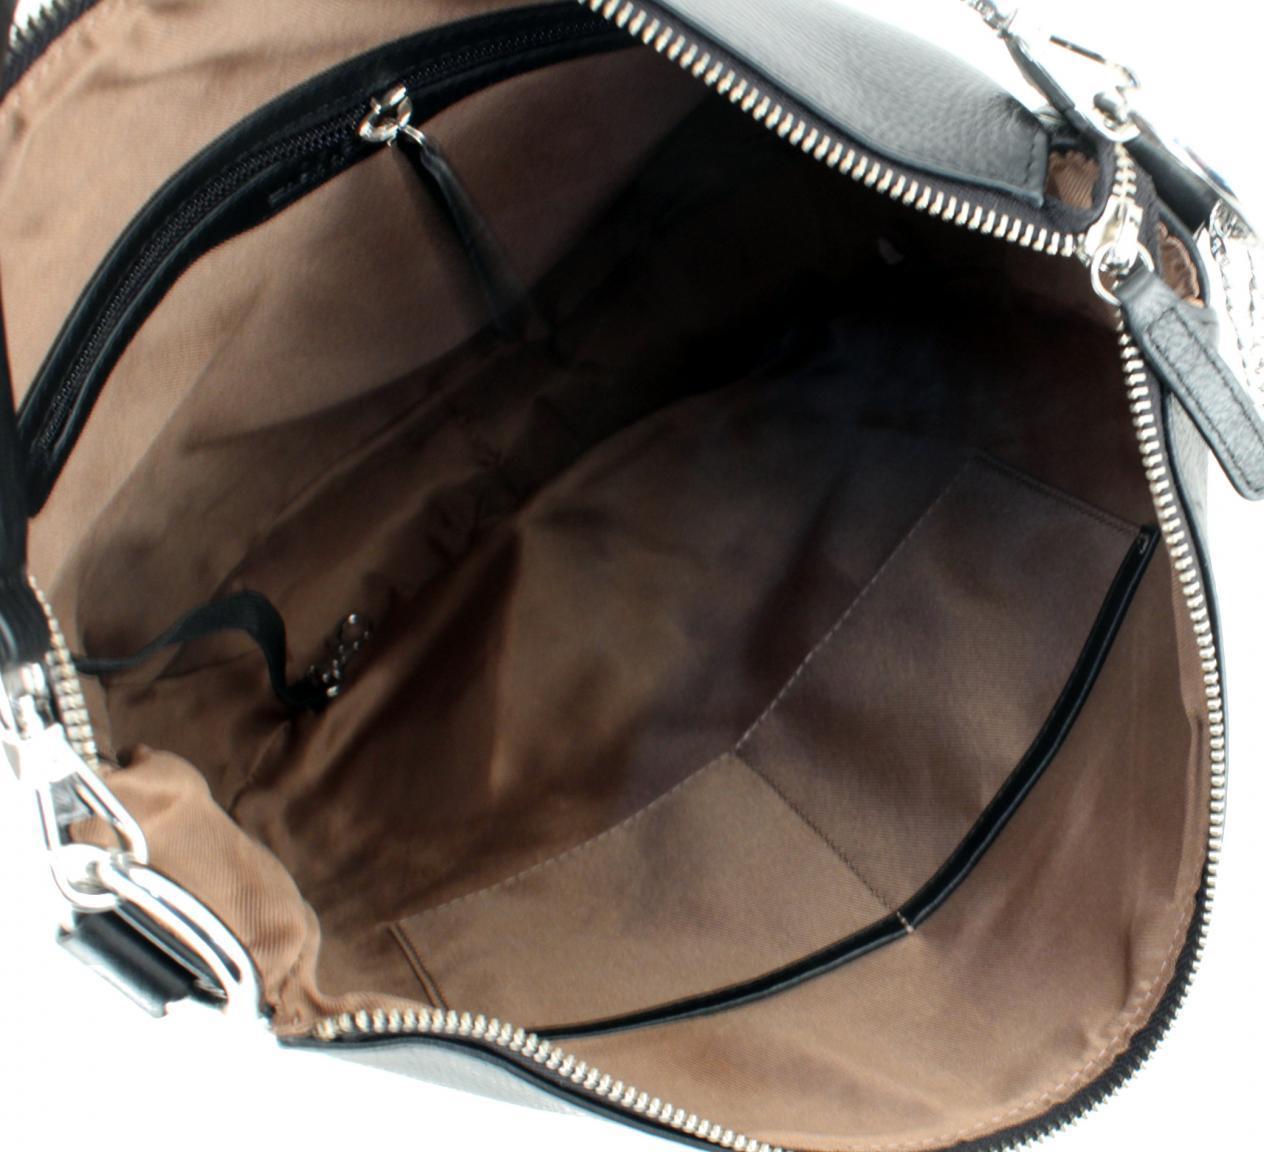 Schultertasche Clementina L.Credi Munich grau Hobo Bag Leder